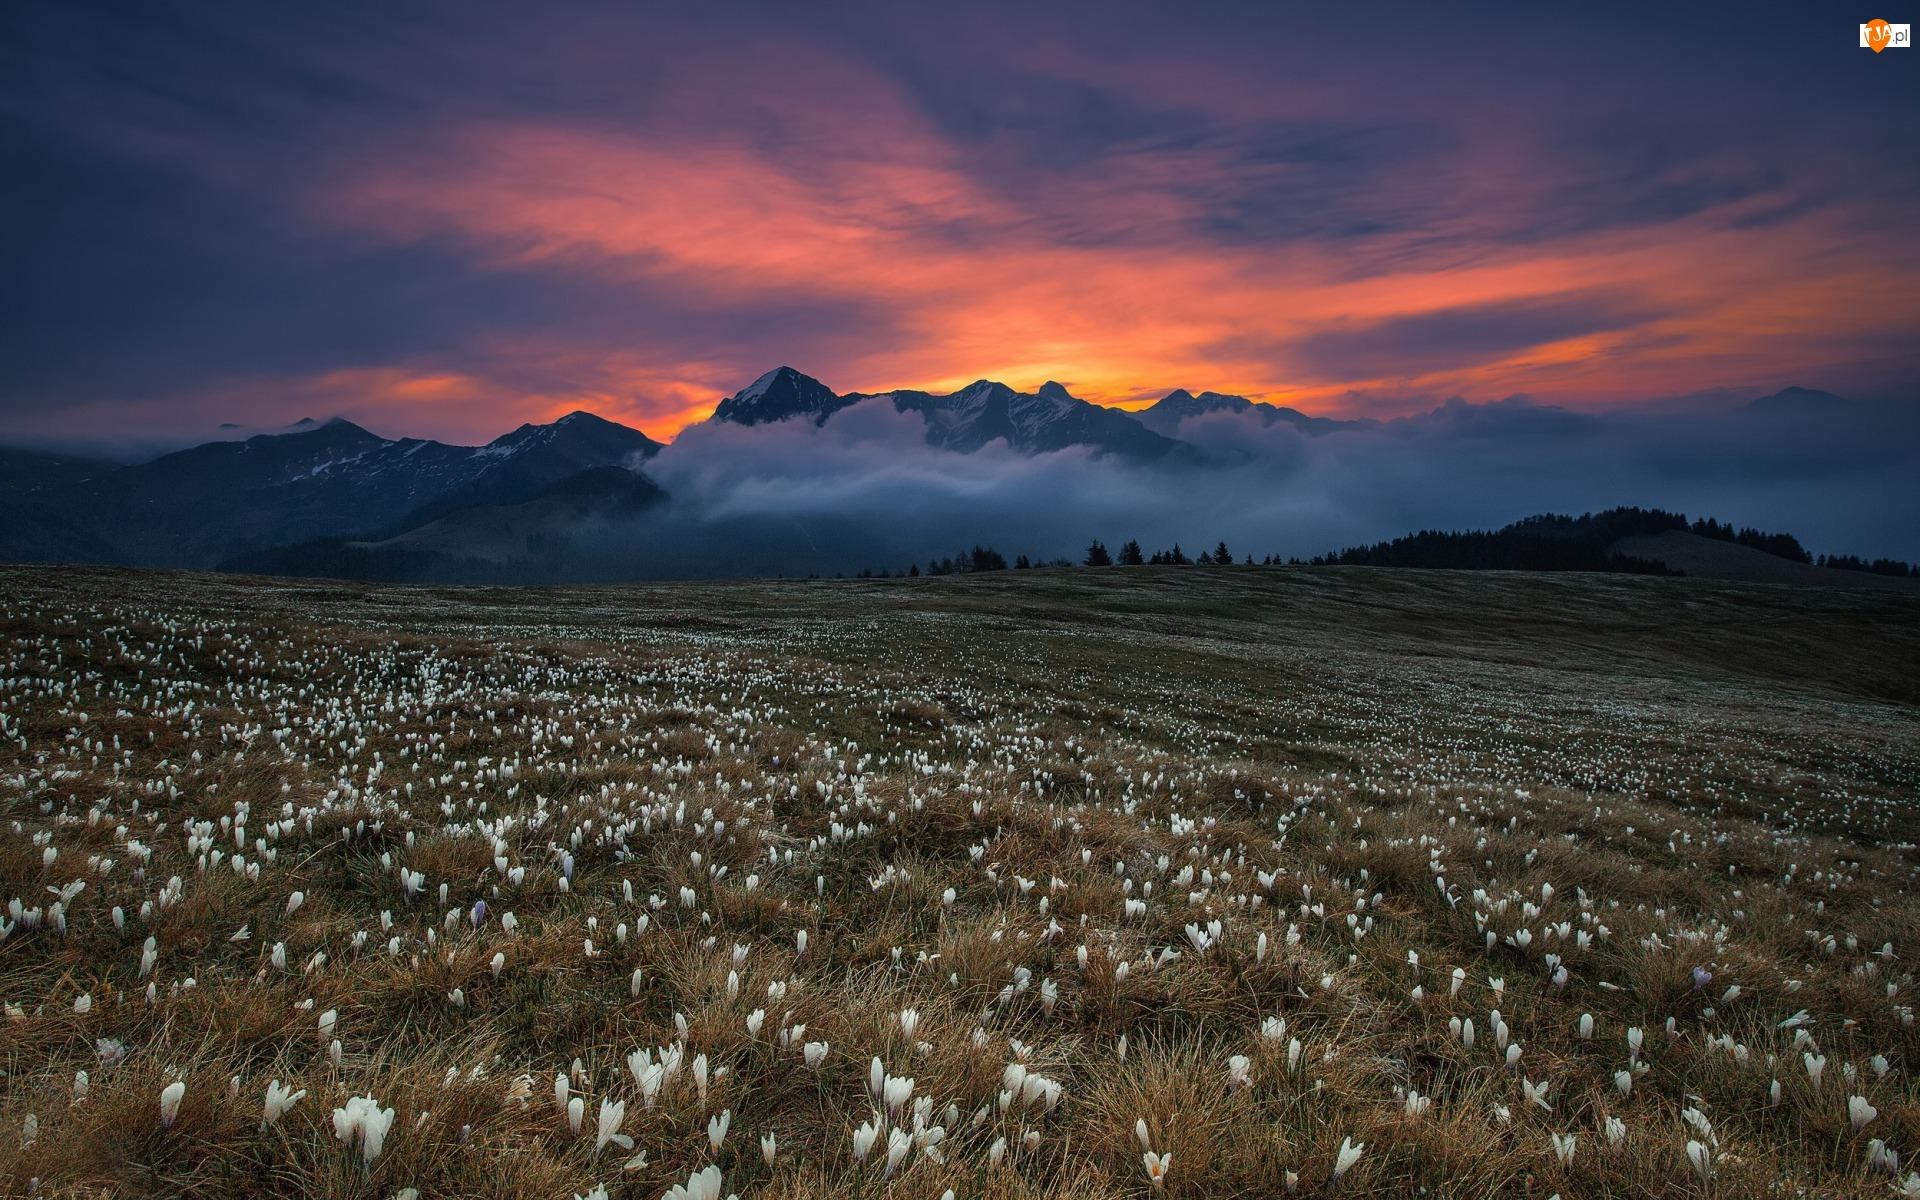 Zachód słońca, Krokusy, Góry, Łąka, Chmury, Kwiaty